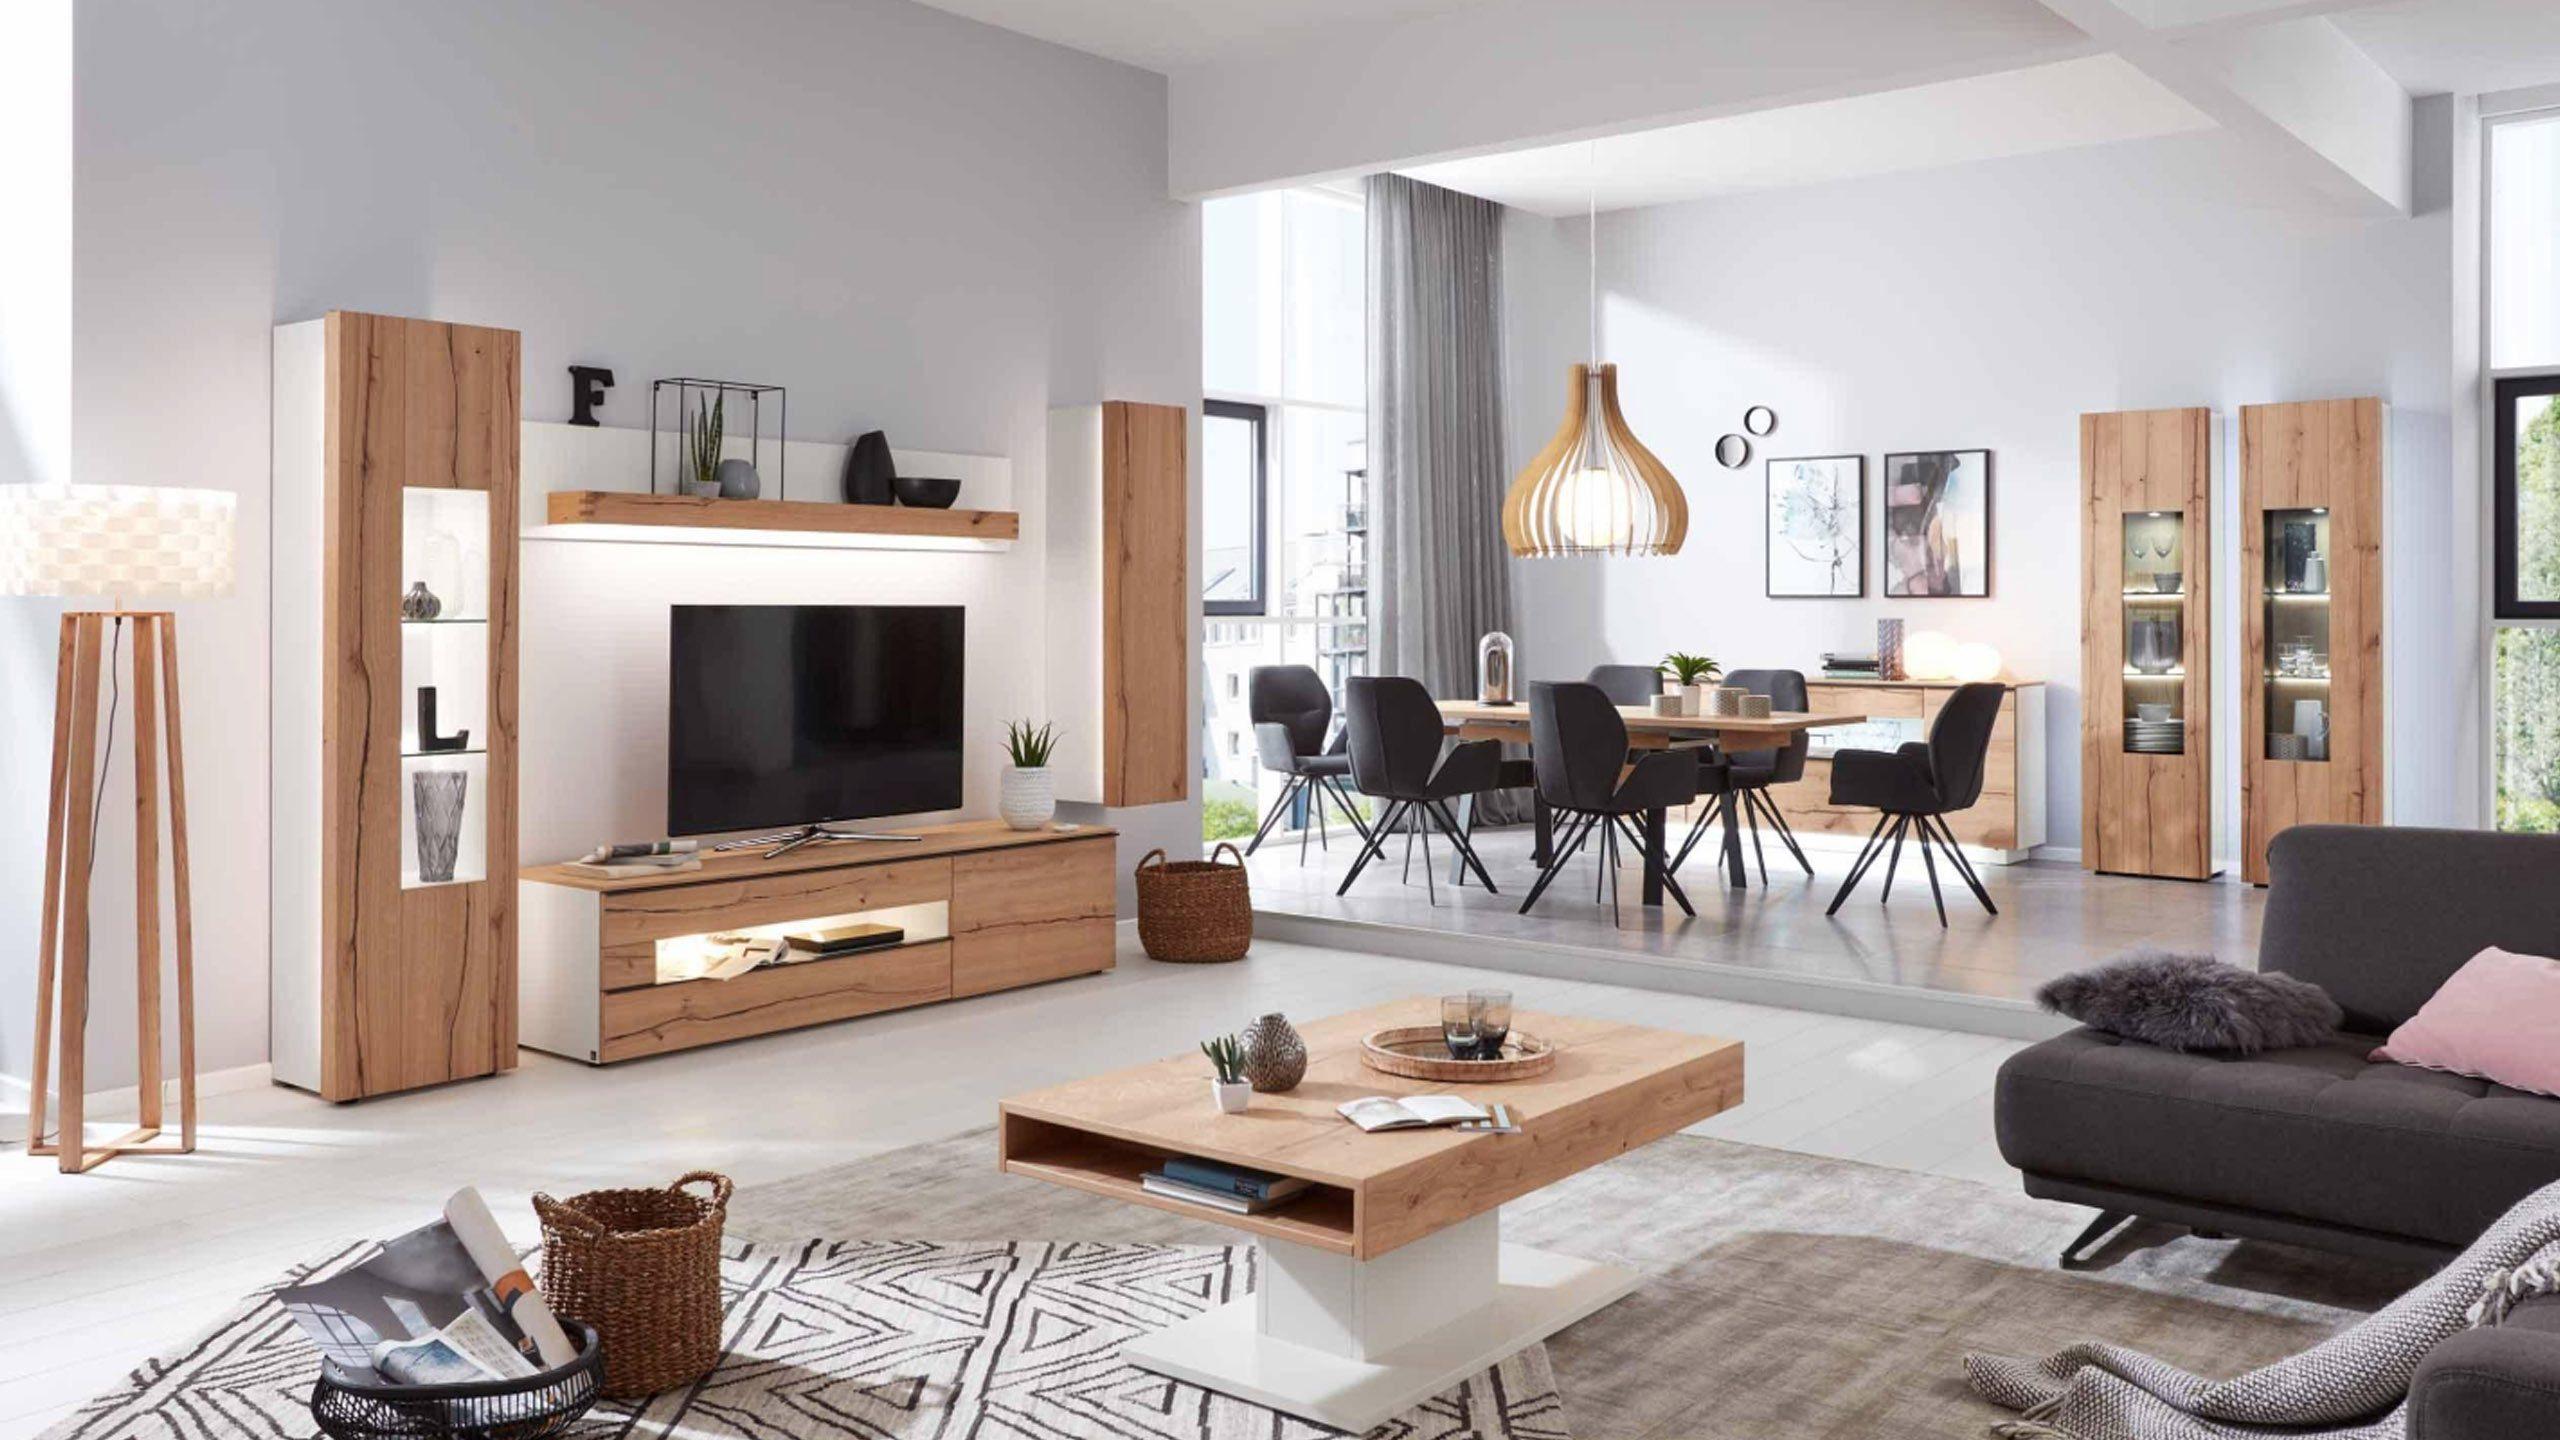 Massivholz im Wohnzimmer - Interliving